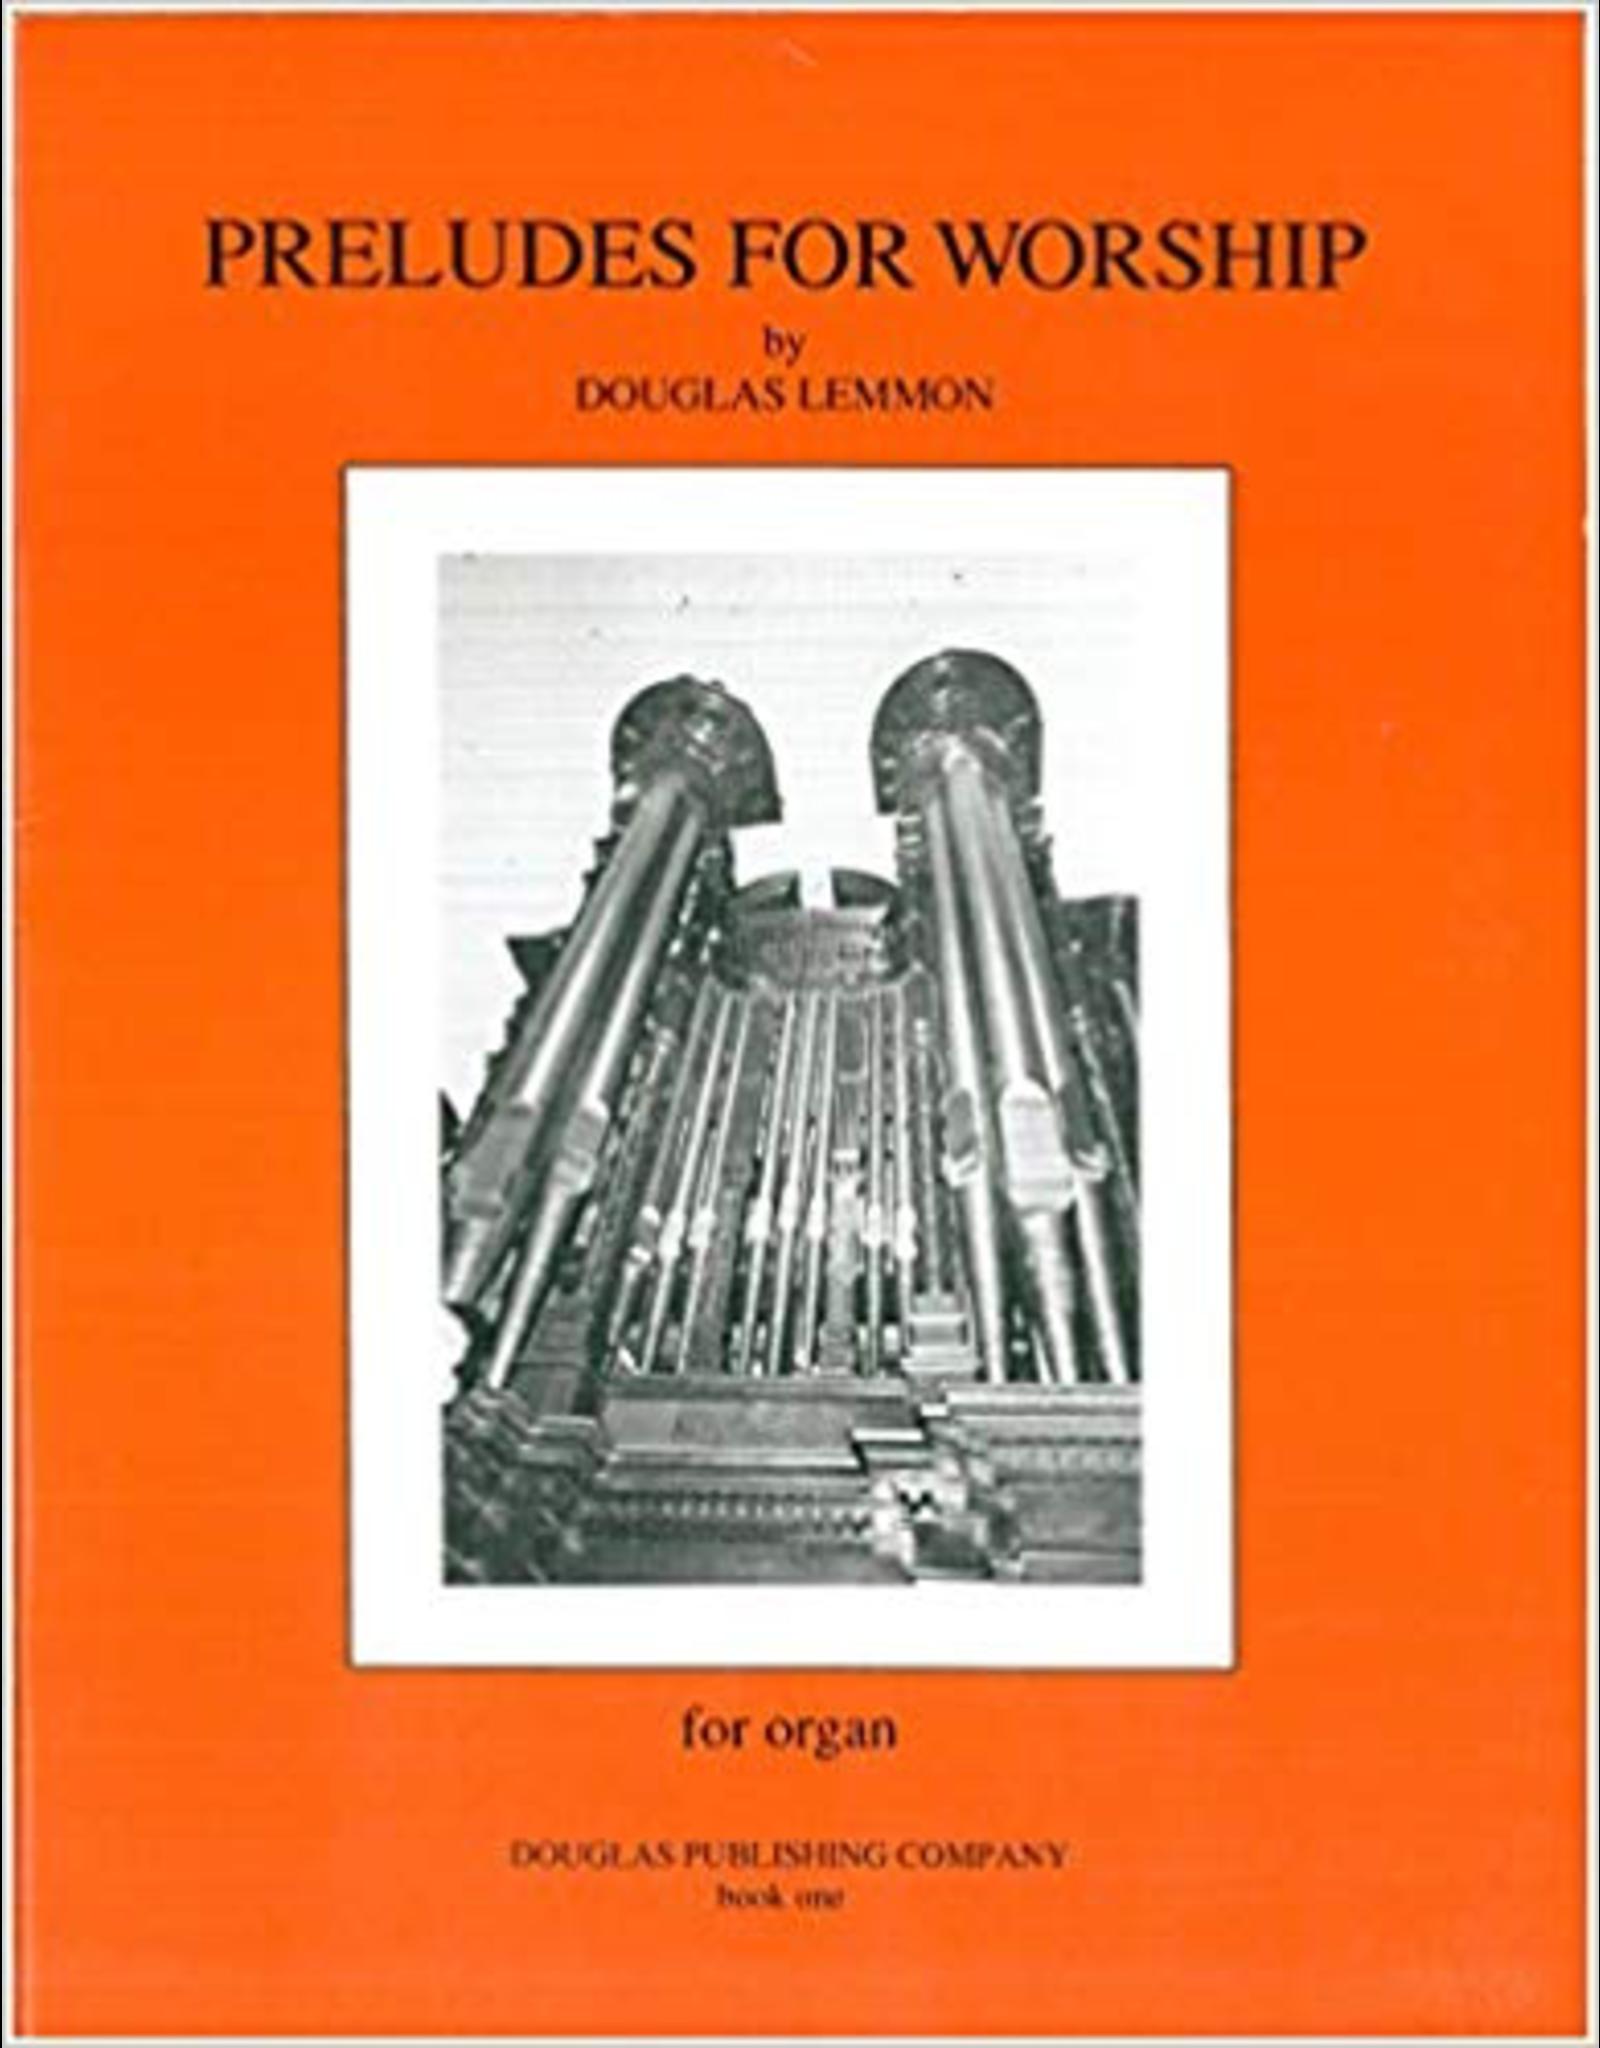 Chesbro Preludes for Worship Book 1 Douglas Lemmon